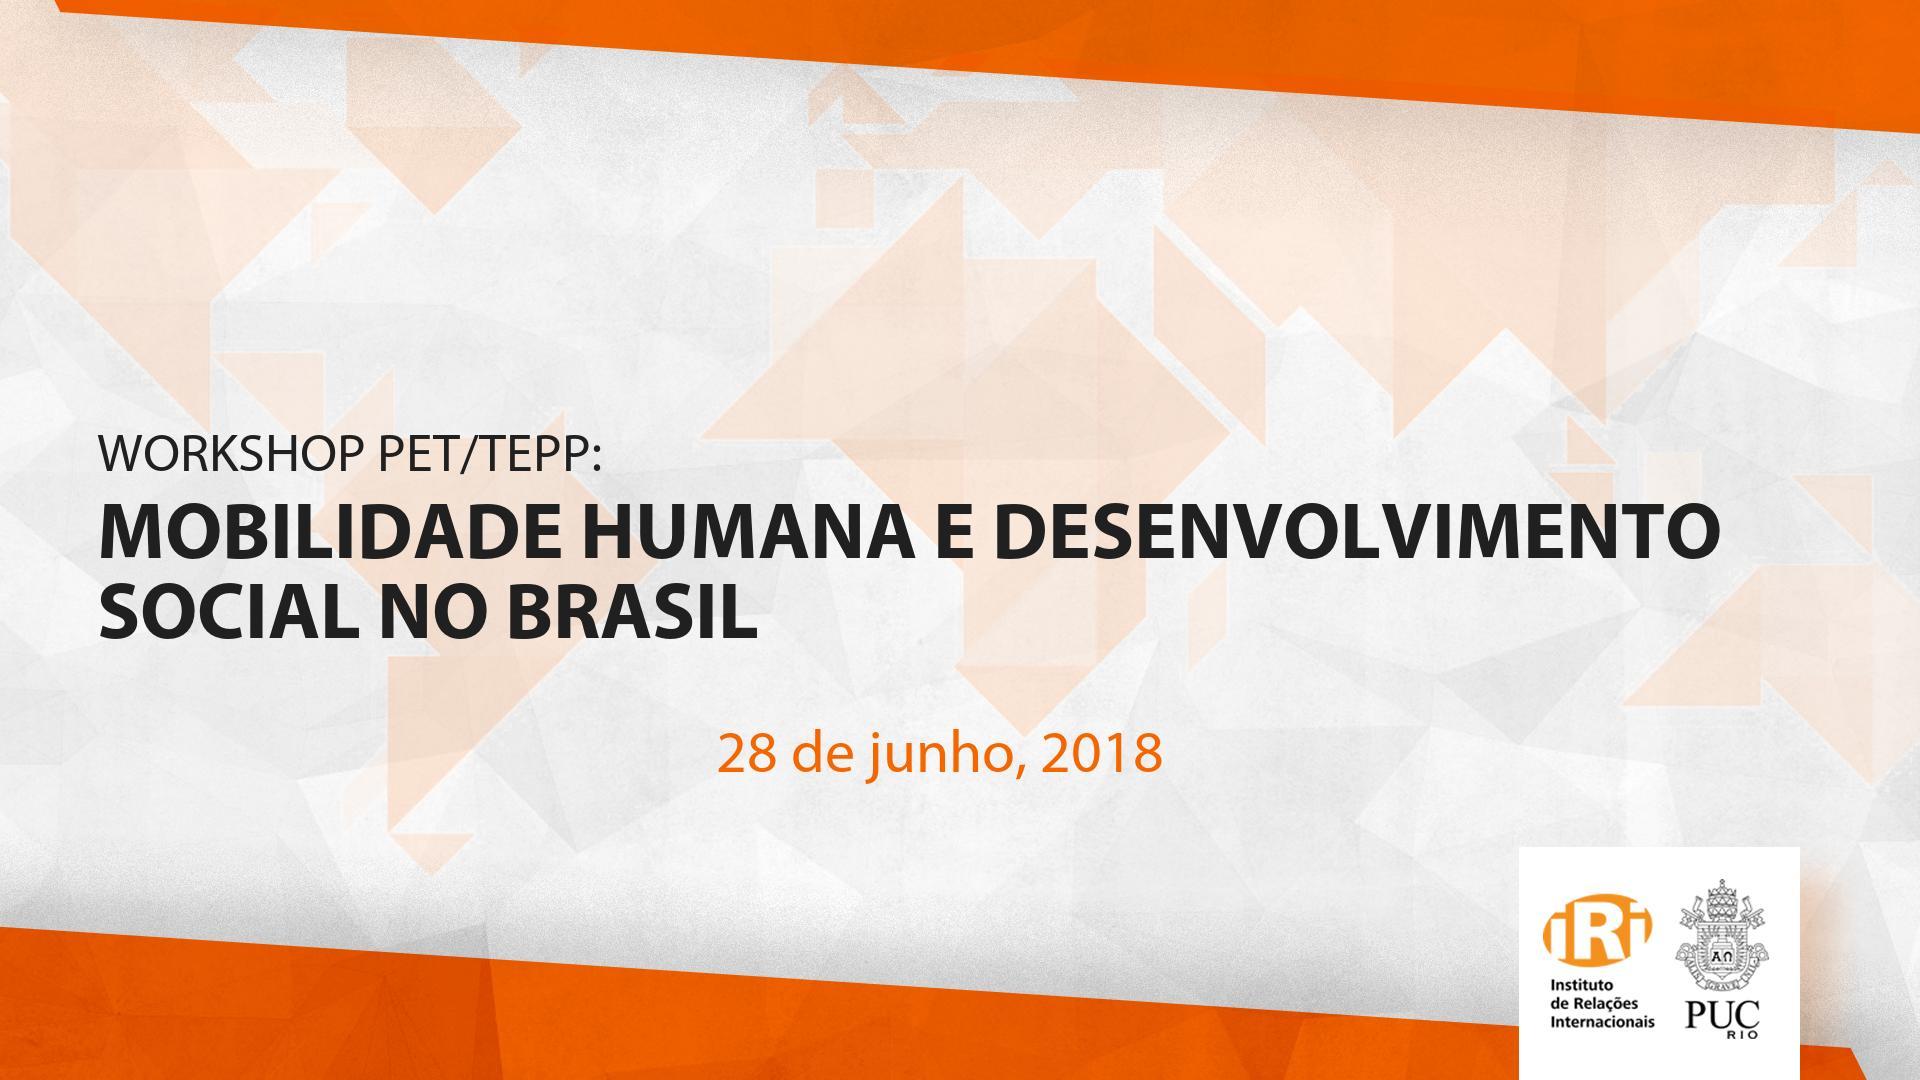 Mobilidade Humana e Desenvolvimento Social no Brasil